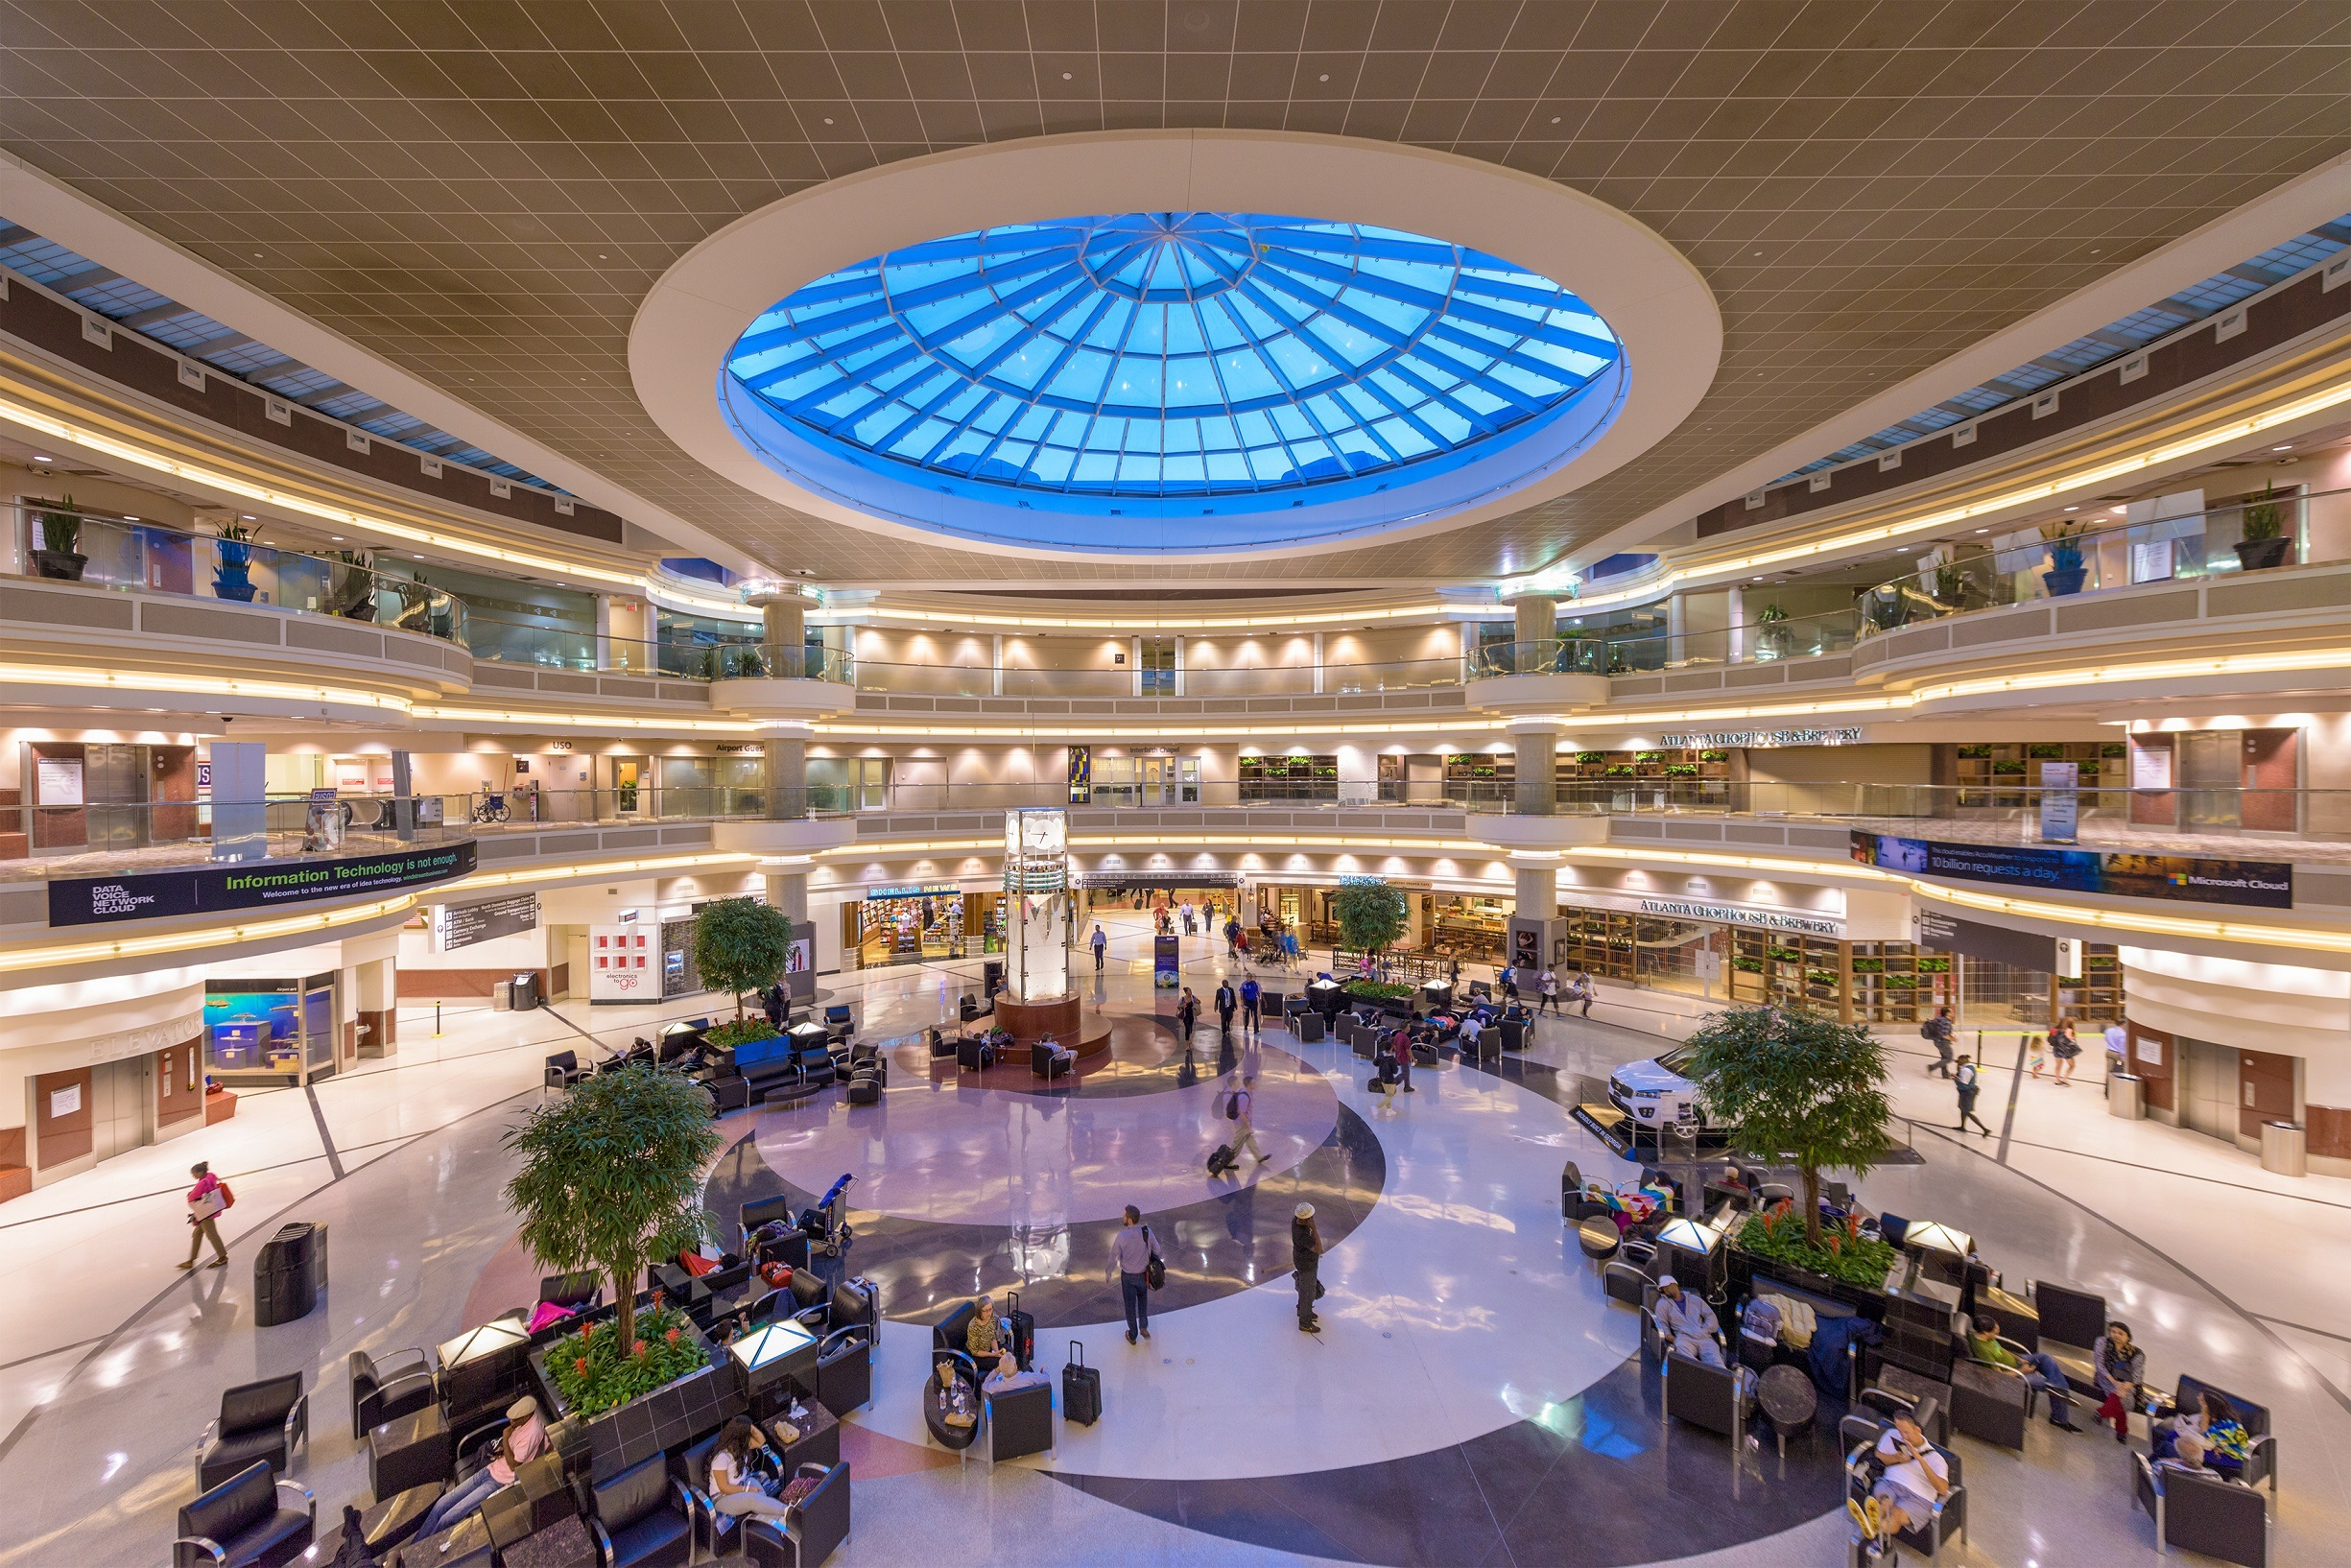 Atlanta International Airport